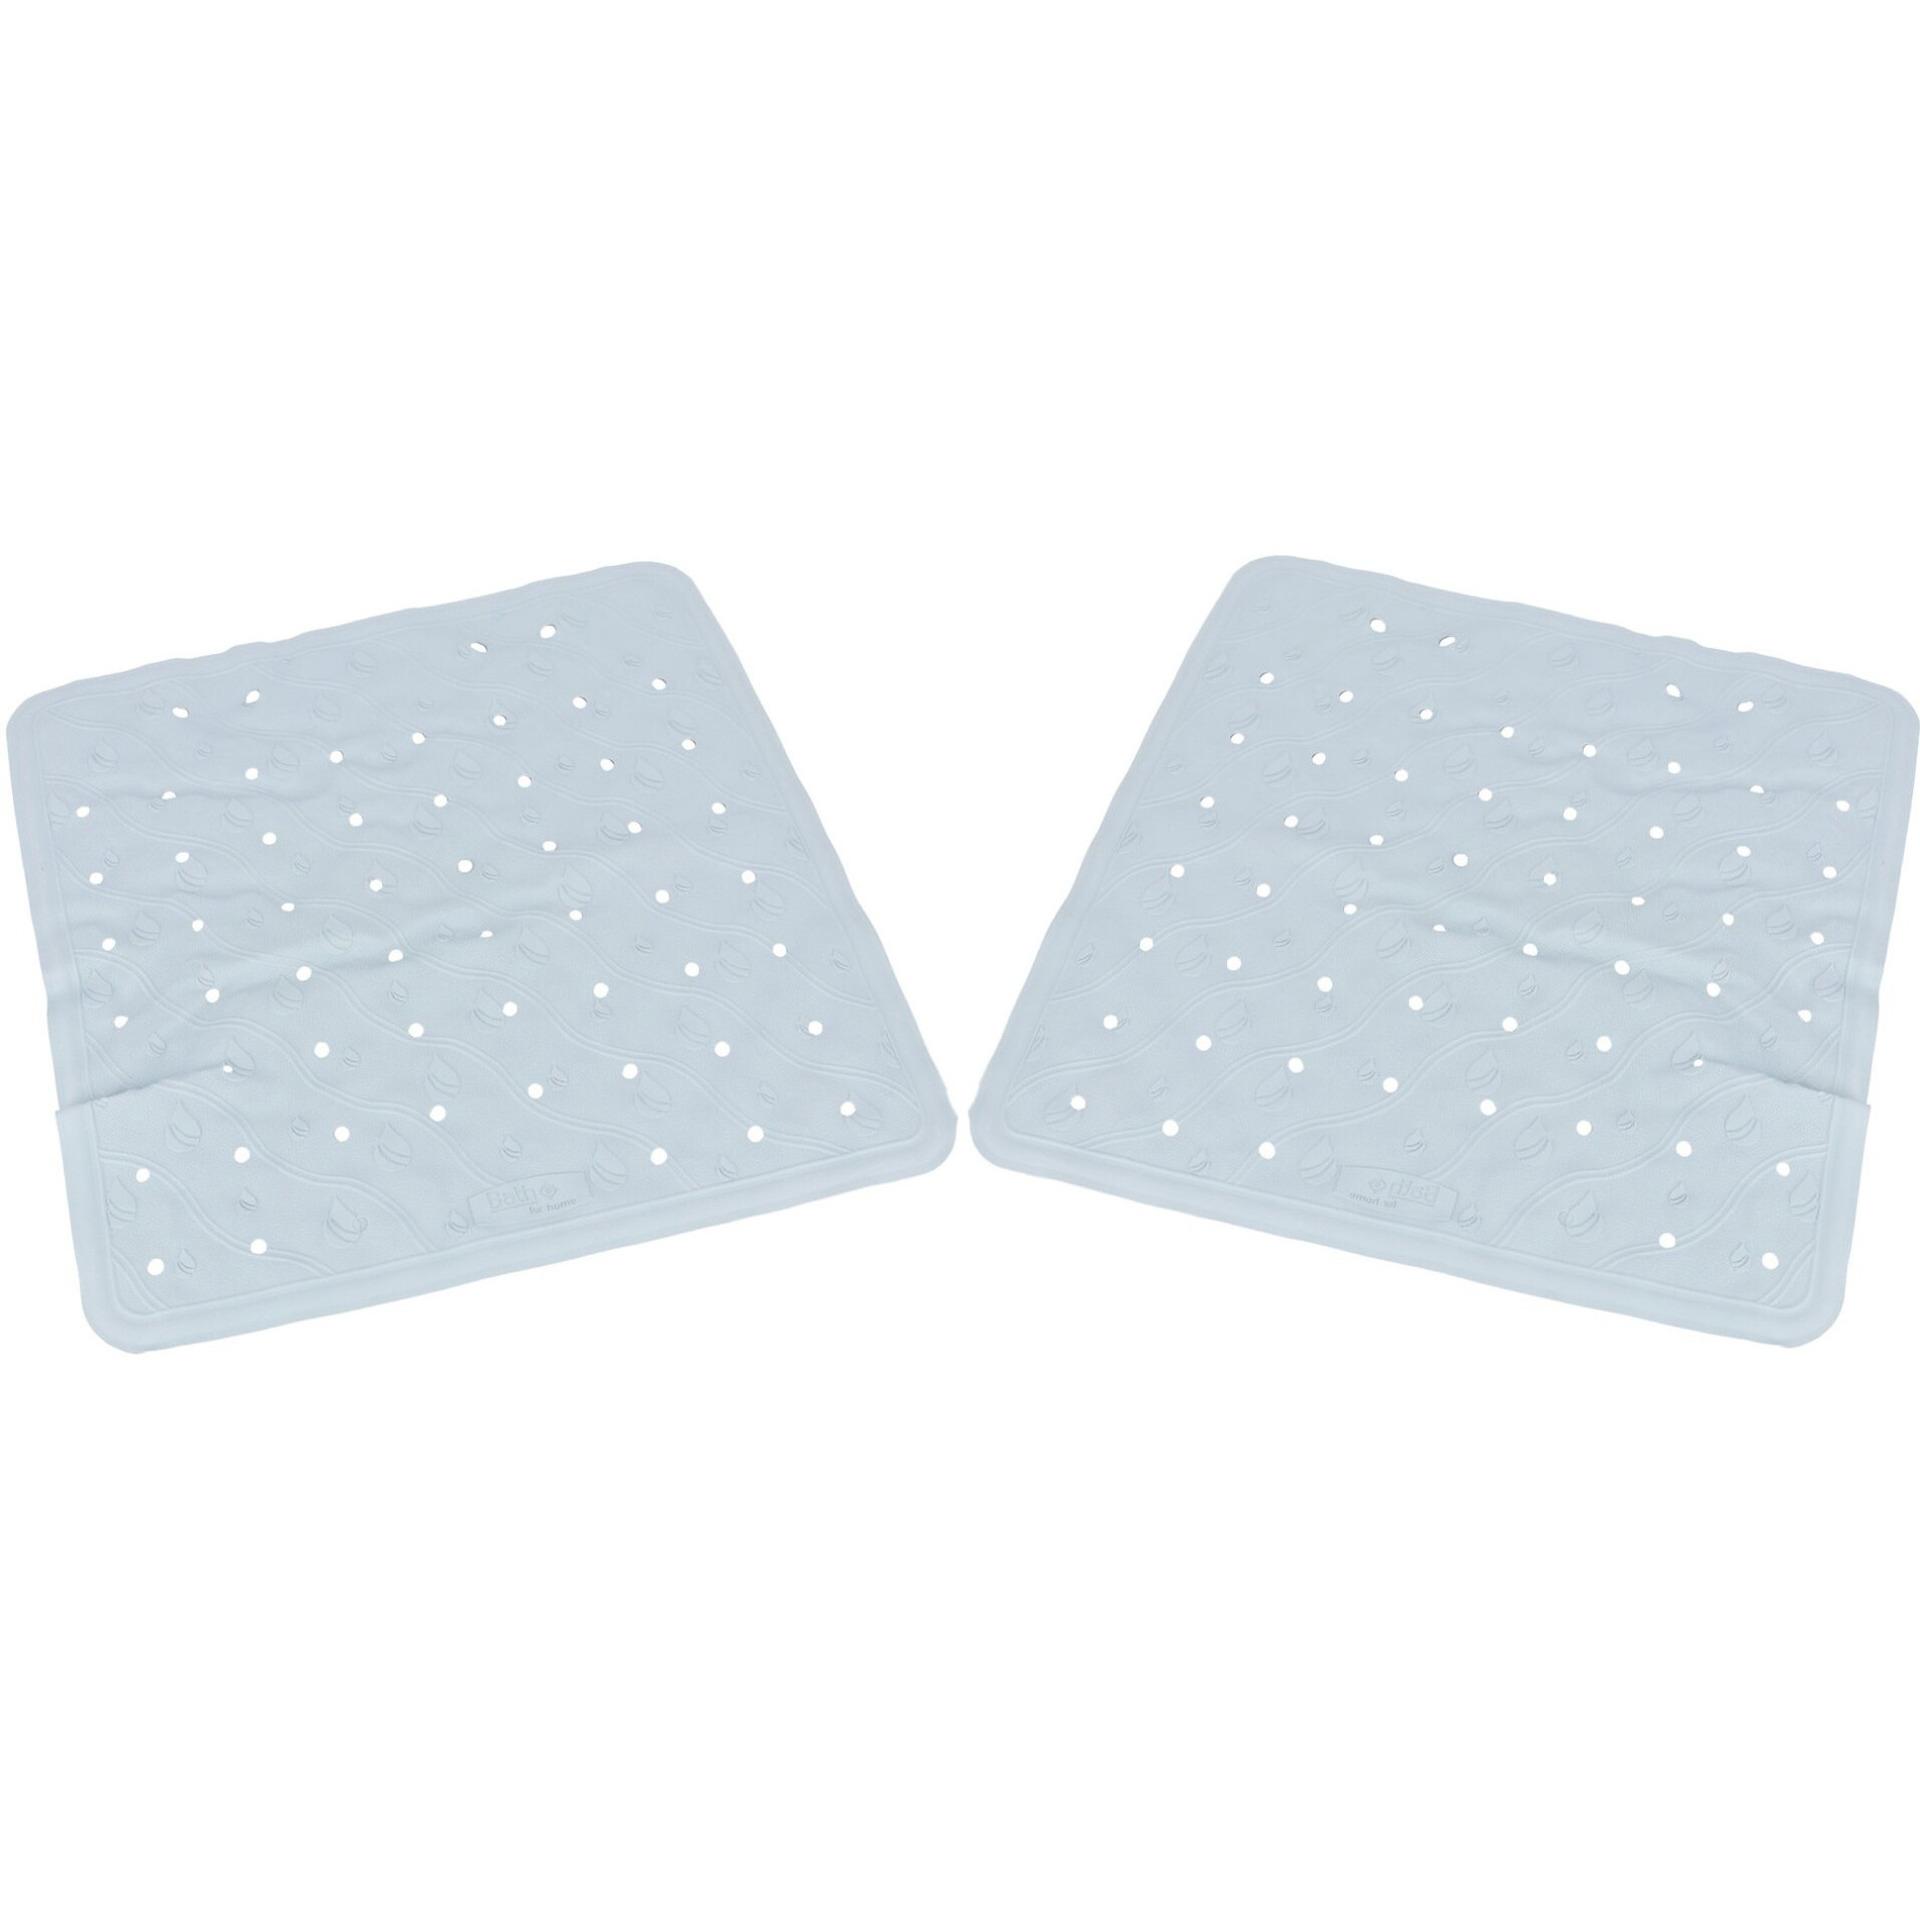 2x Lichtblauwe anti-slip badmatten-douchematten 54 x 54 cm vierkant